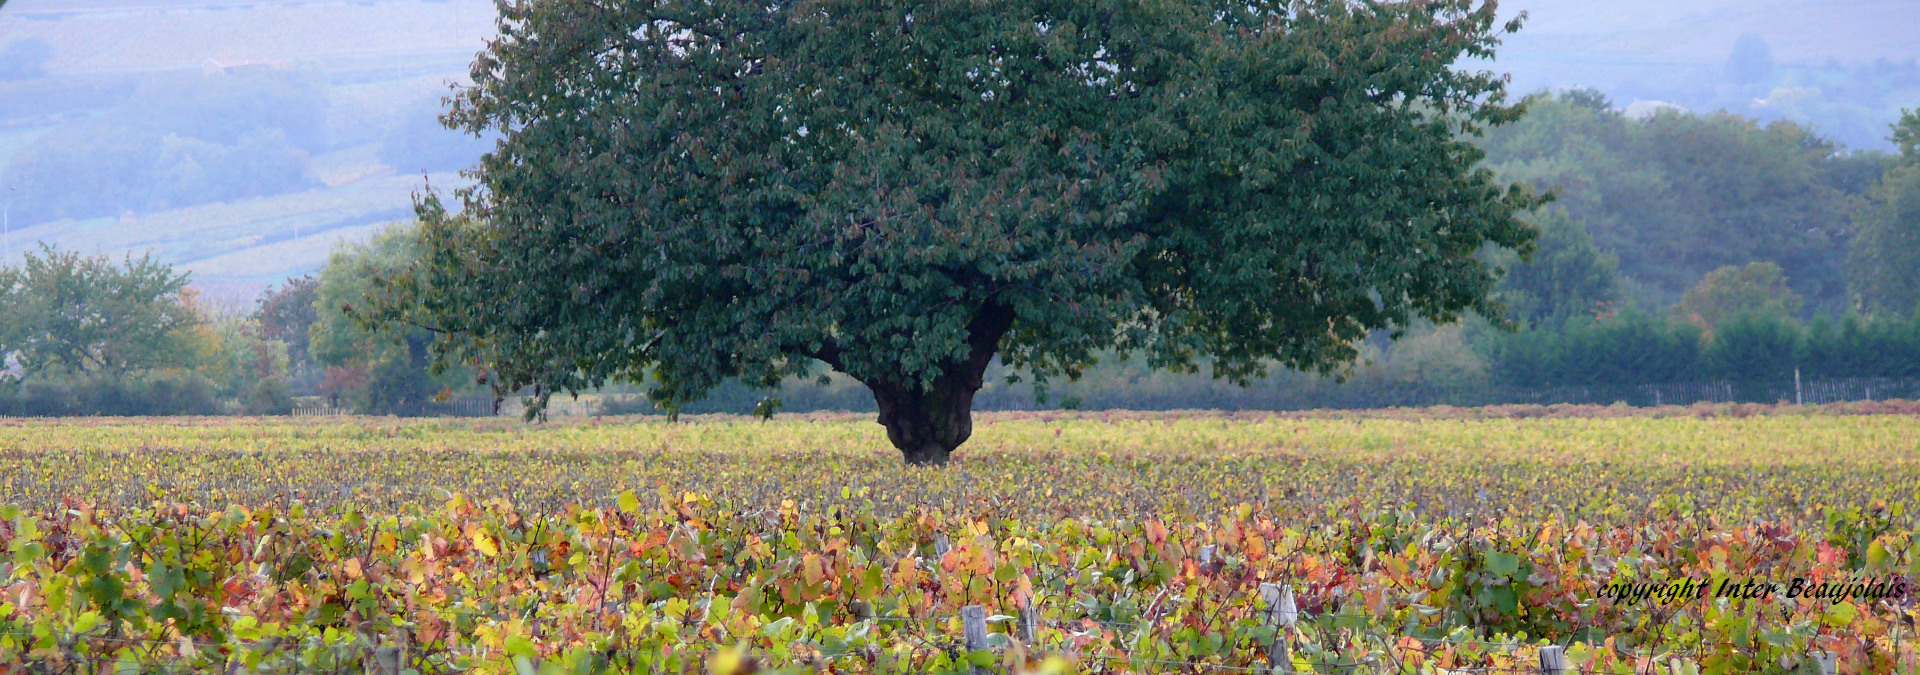 vignoble-beaujolais-2